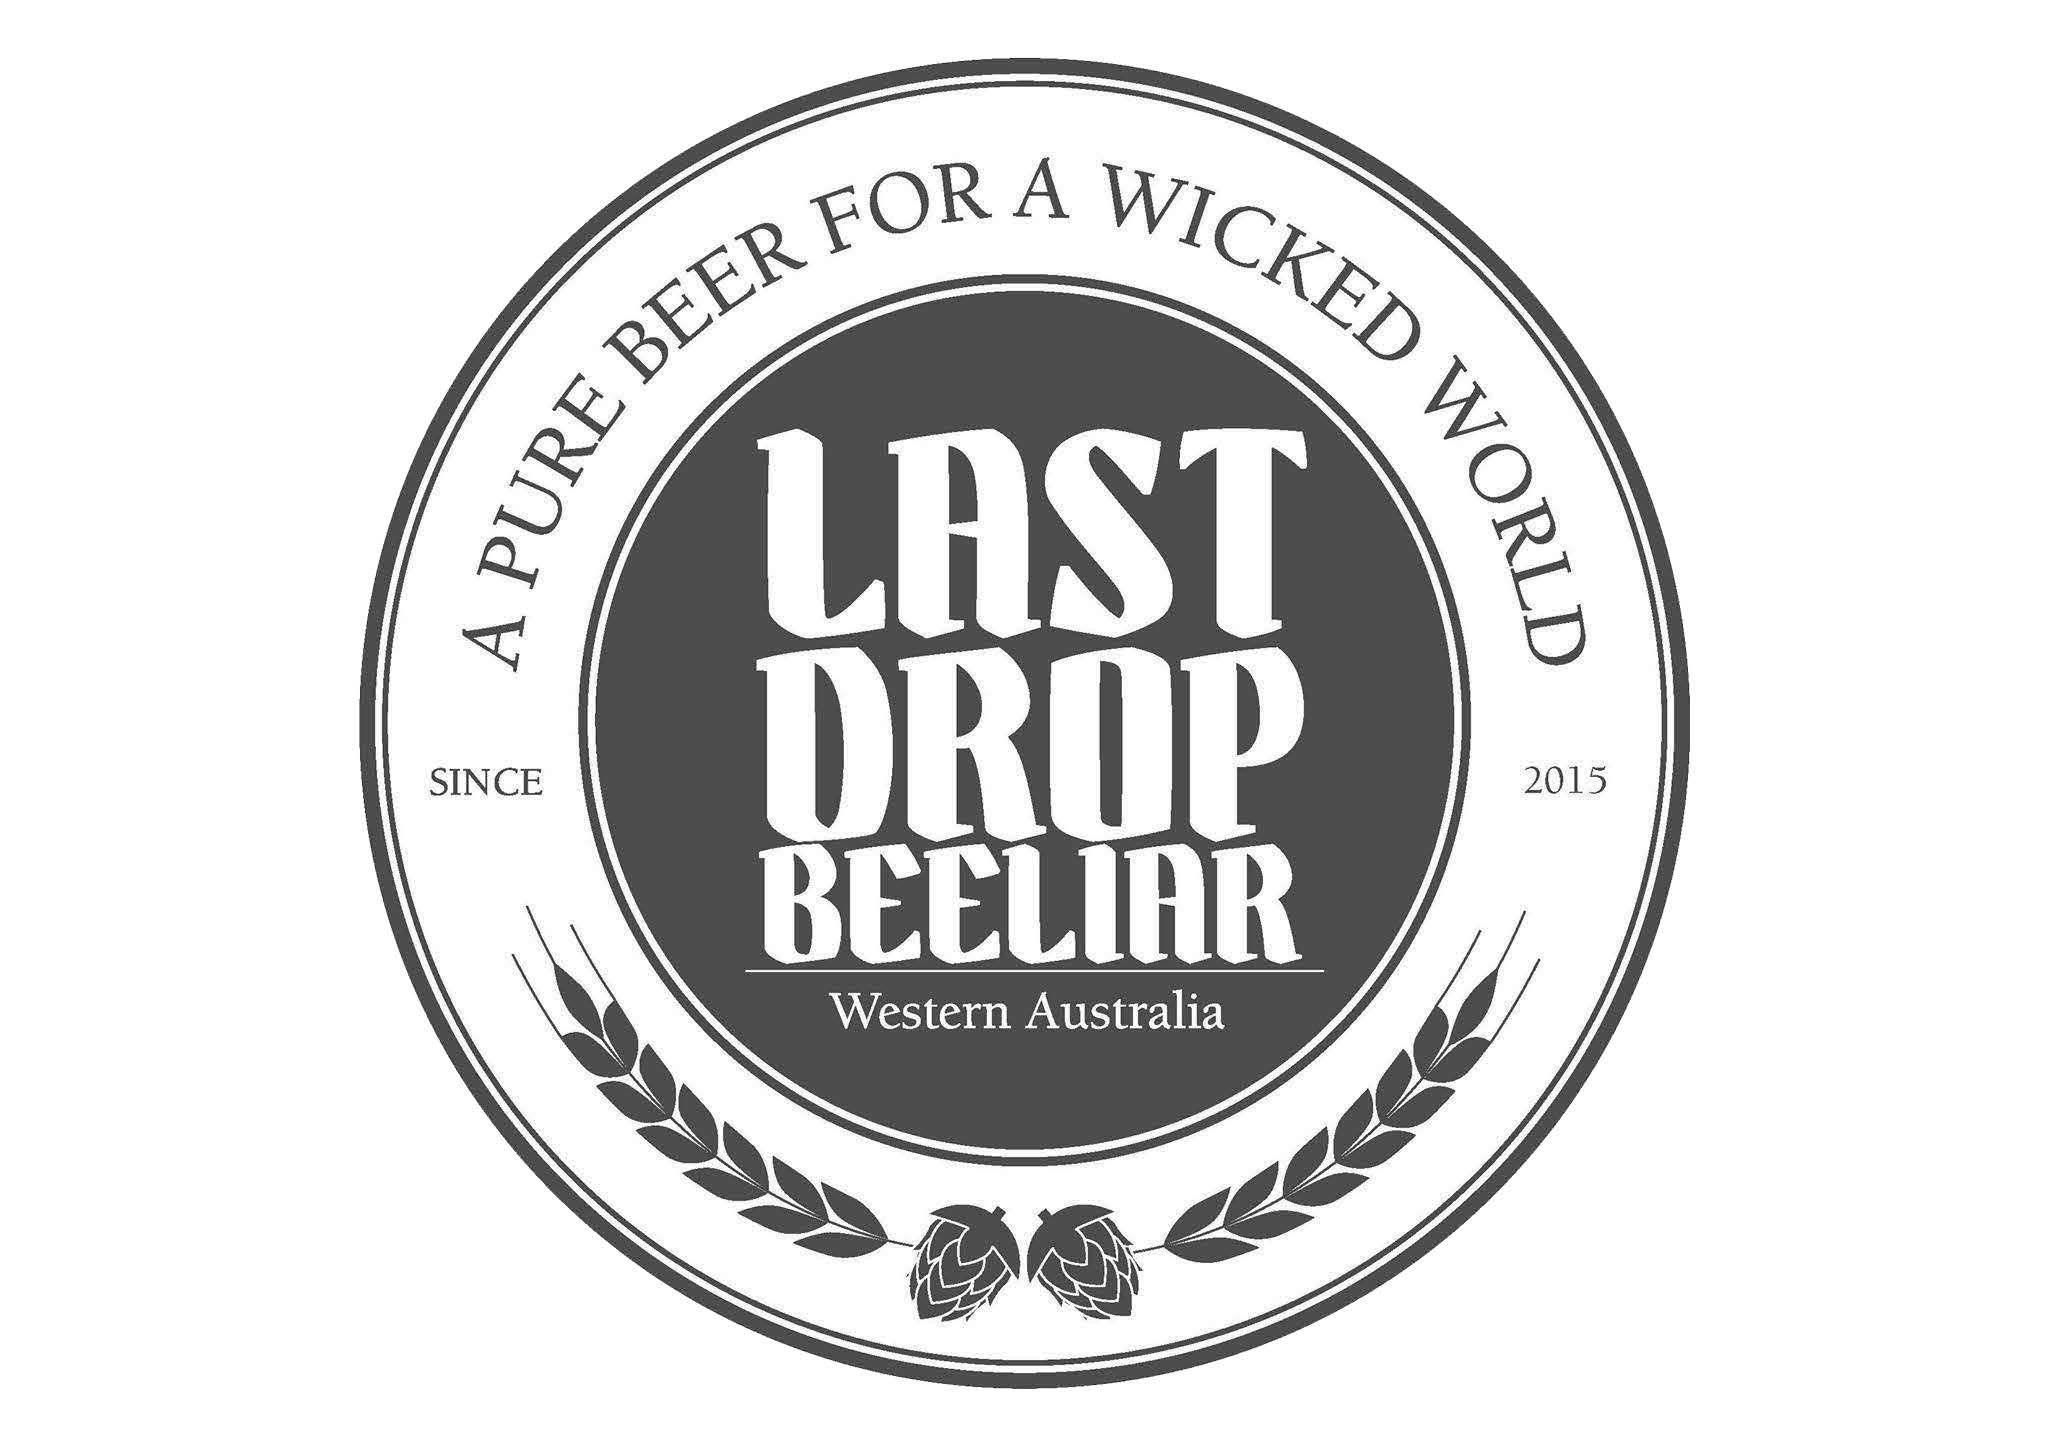 Last Drop Beeliar